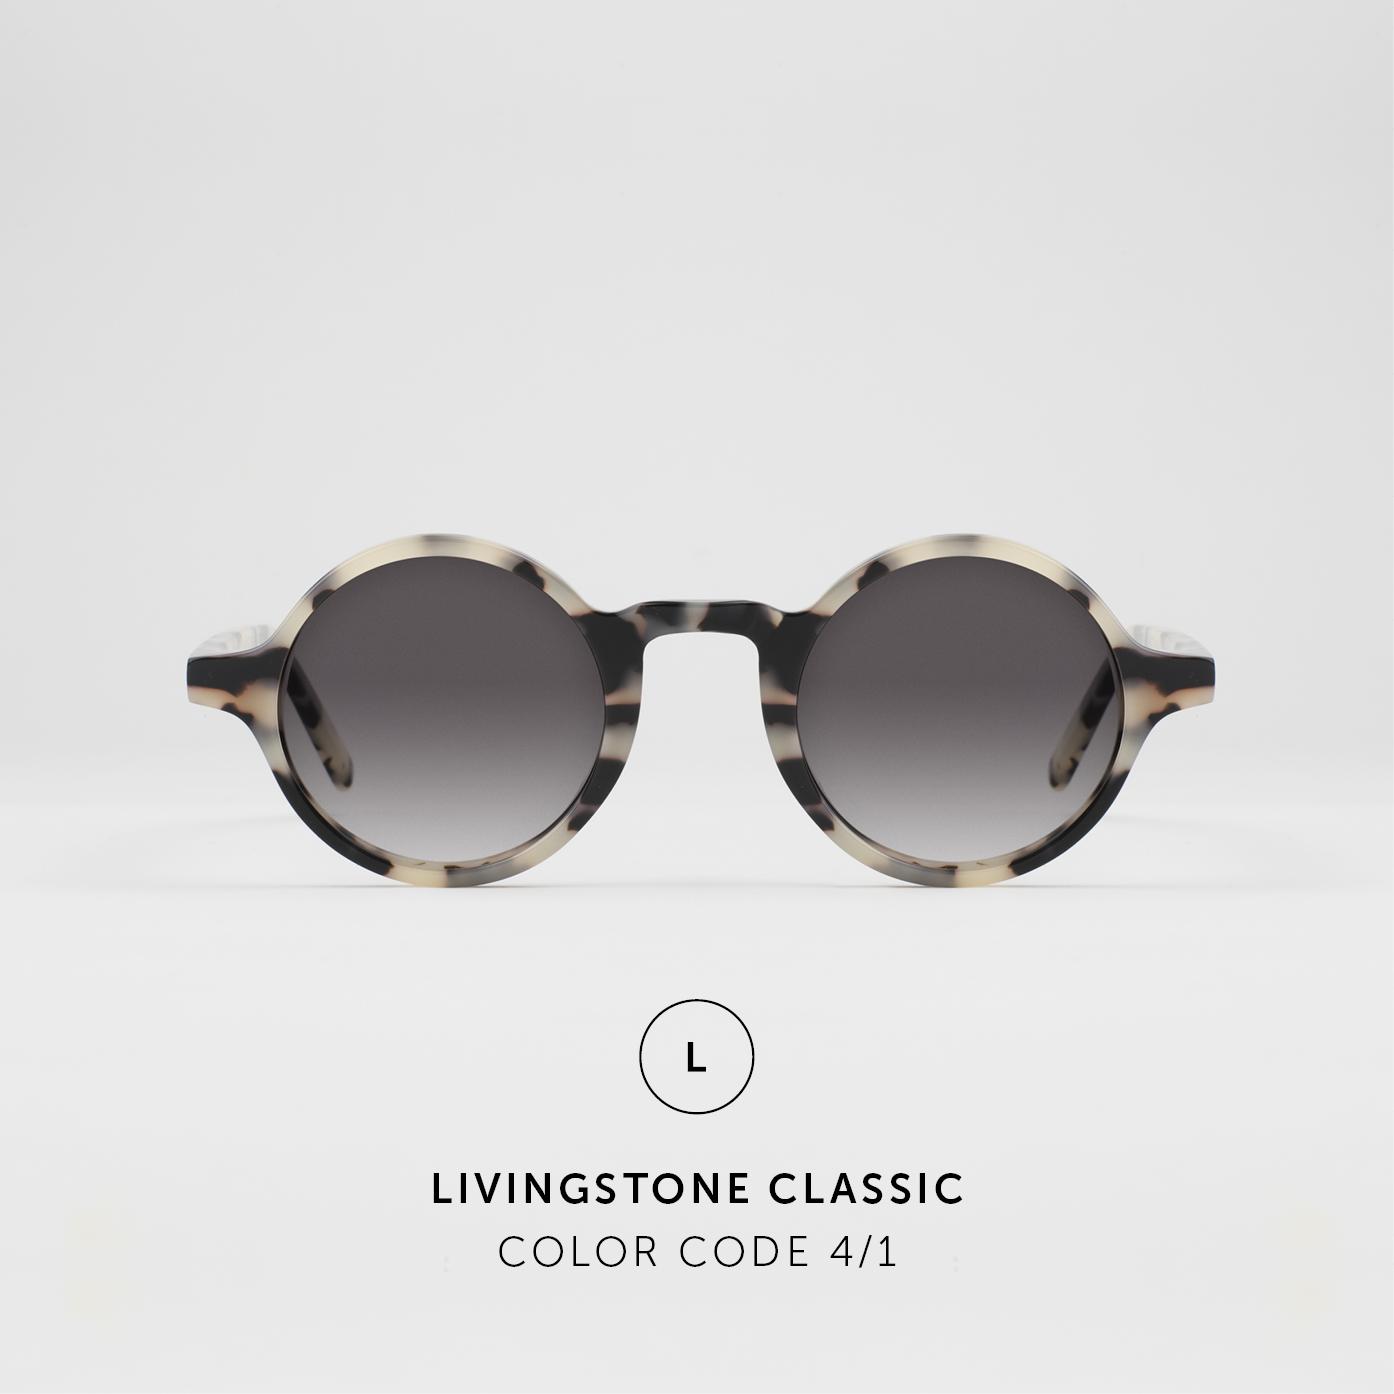 LivingstoneClassic22.jpg